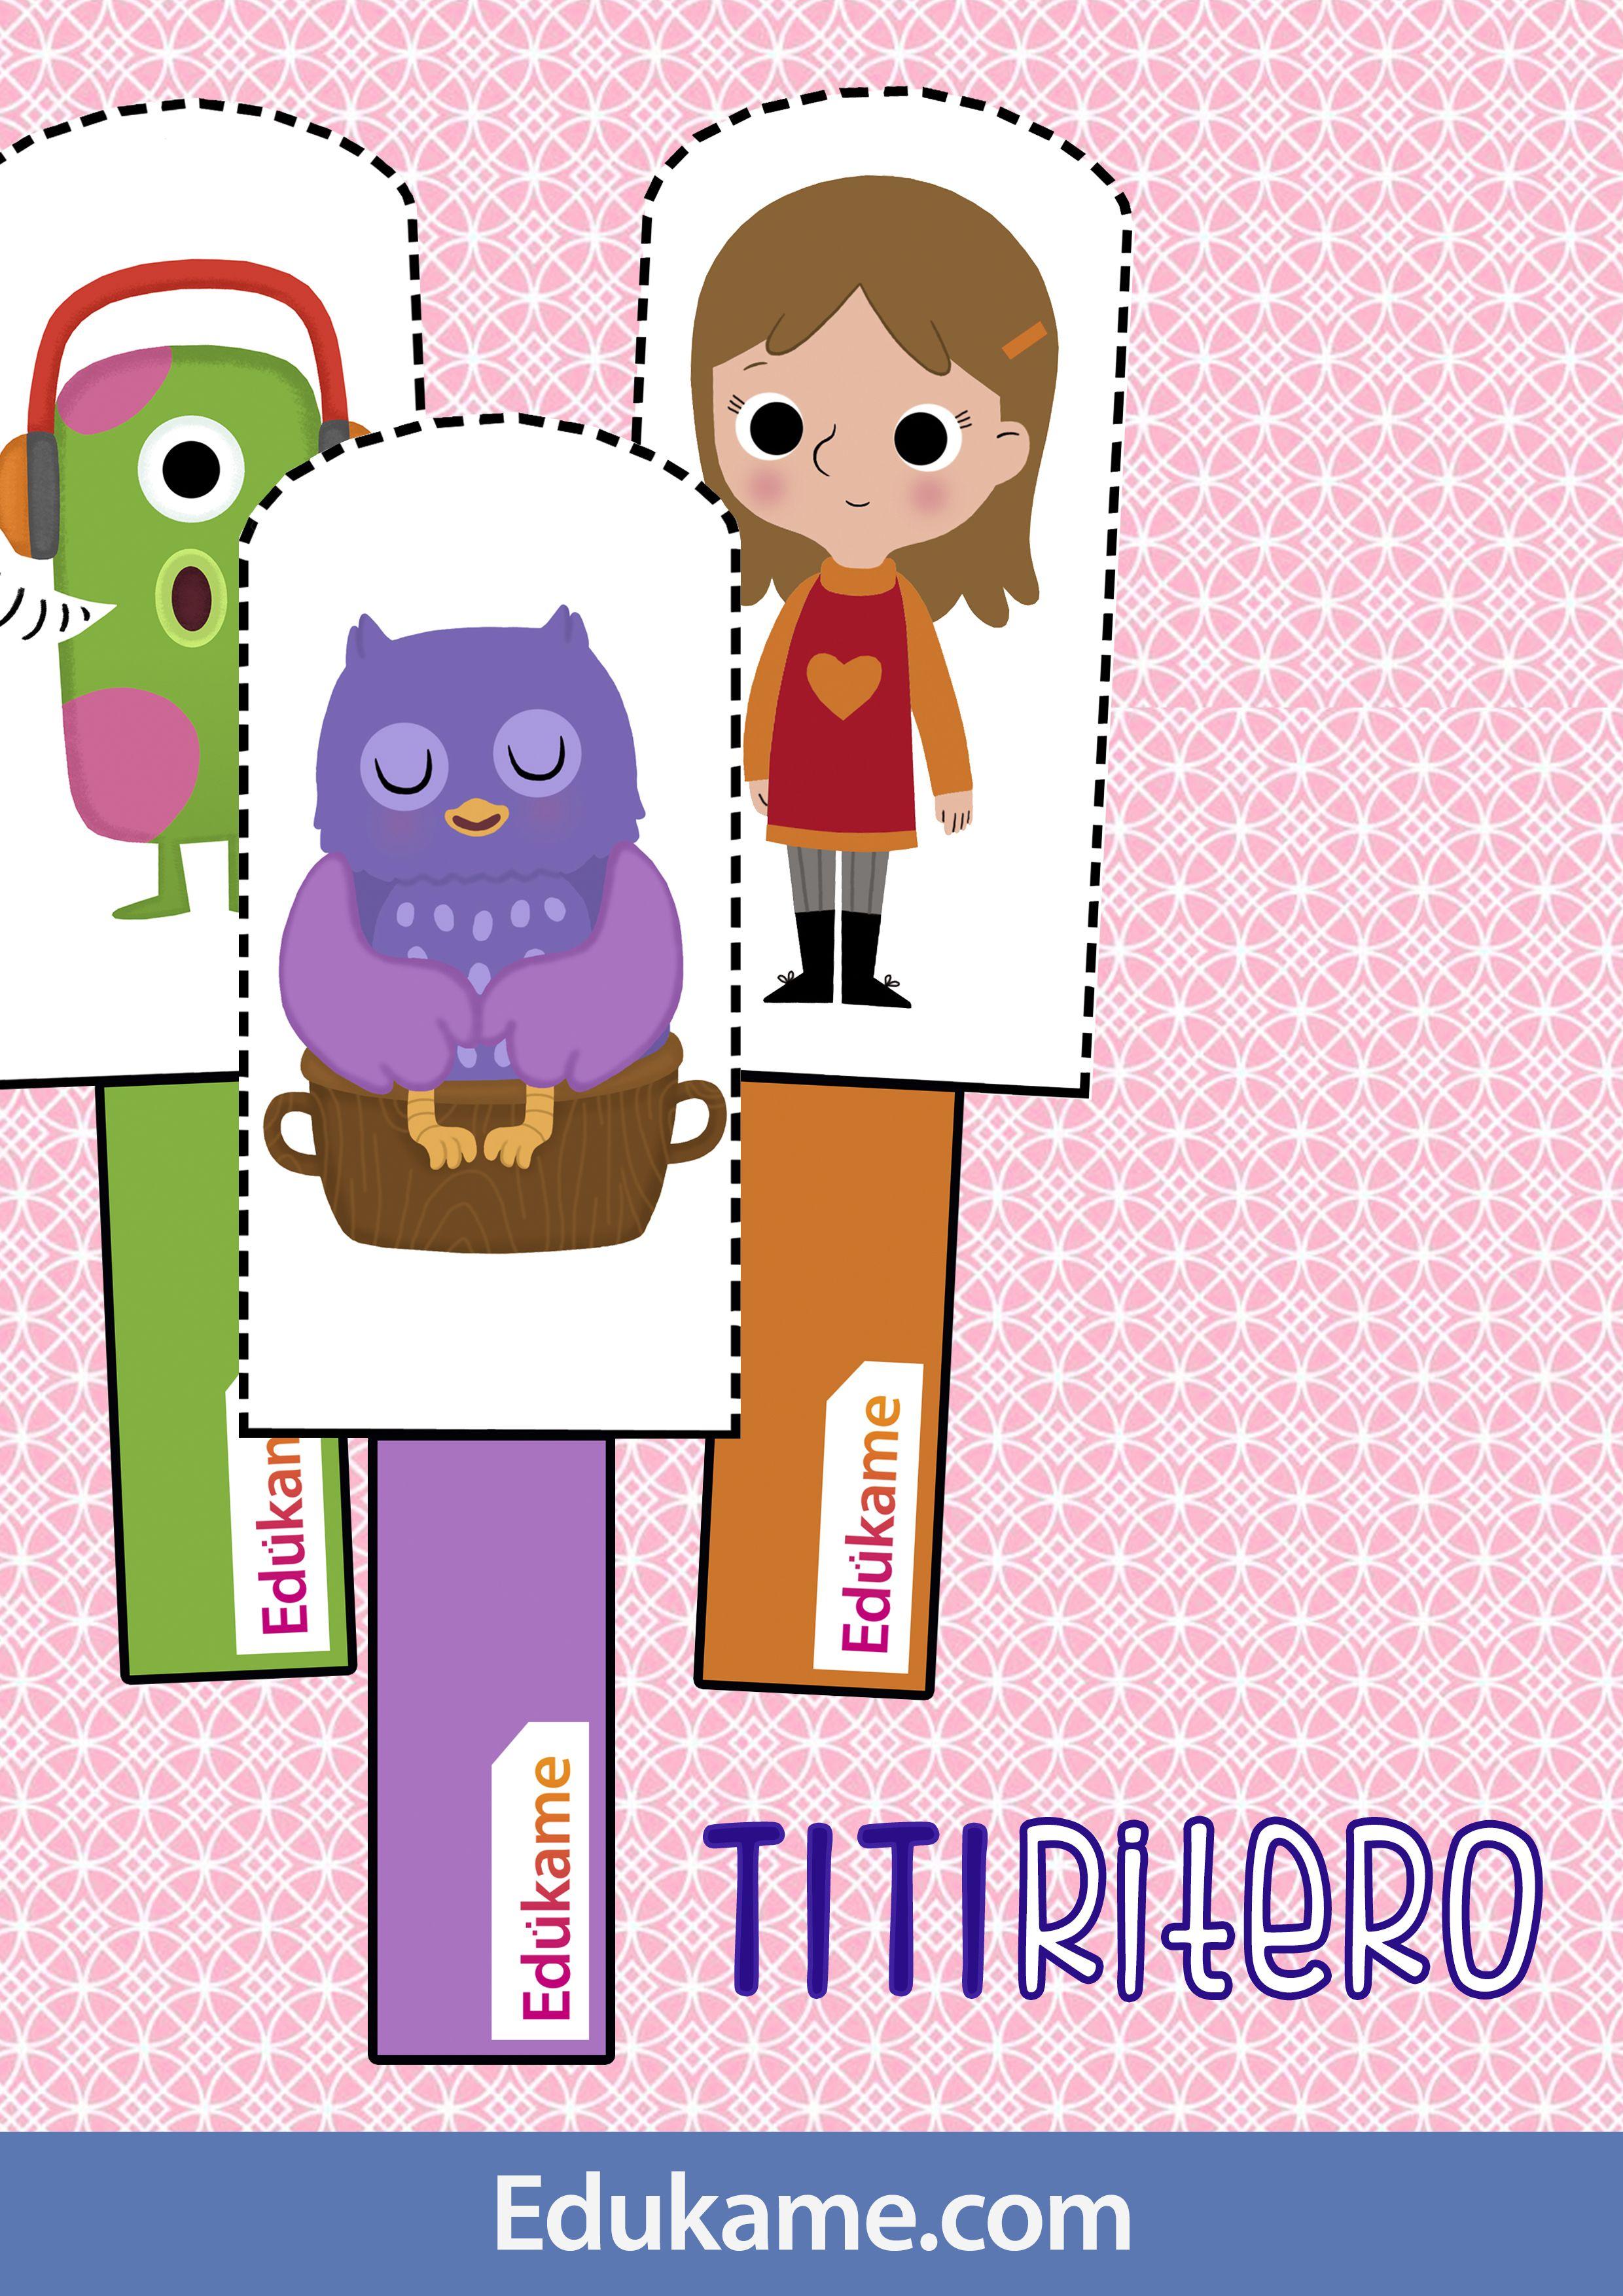 Un juego para que padres e hijos interactuen entre ellos para favorecer el uso del habla. http://edukame.com/node/17387